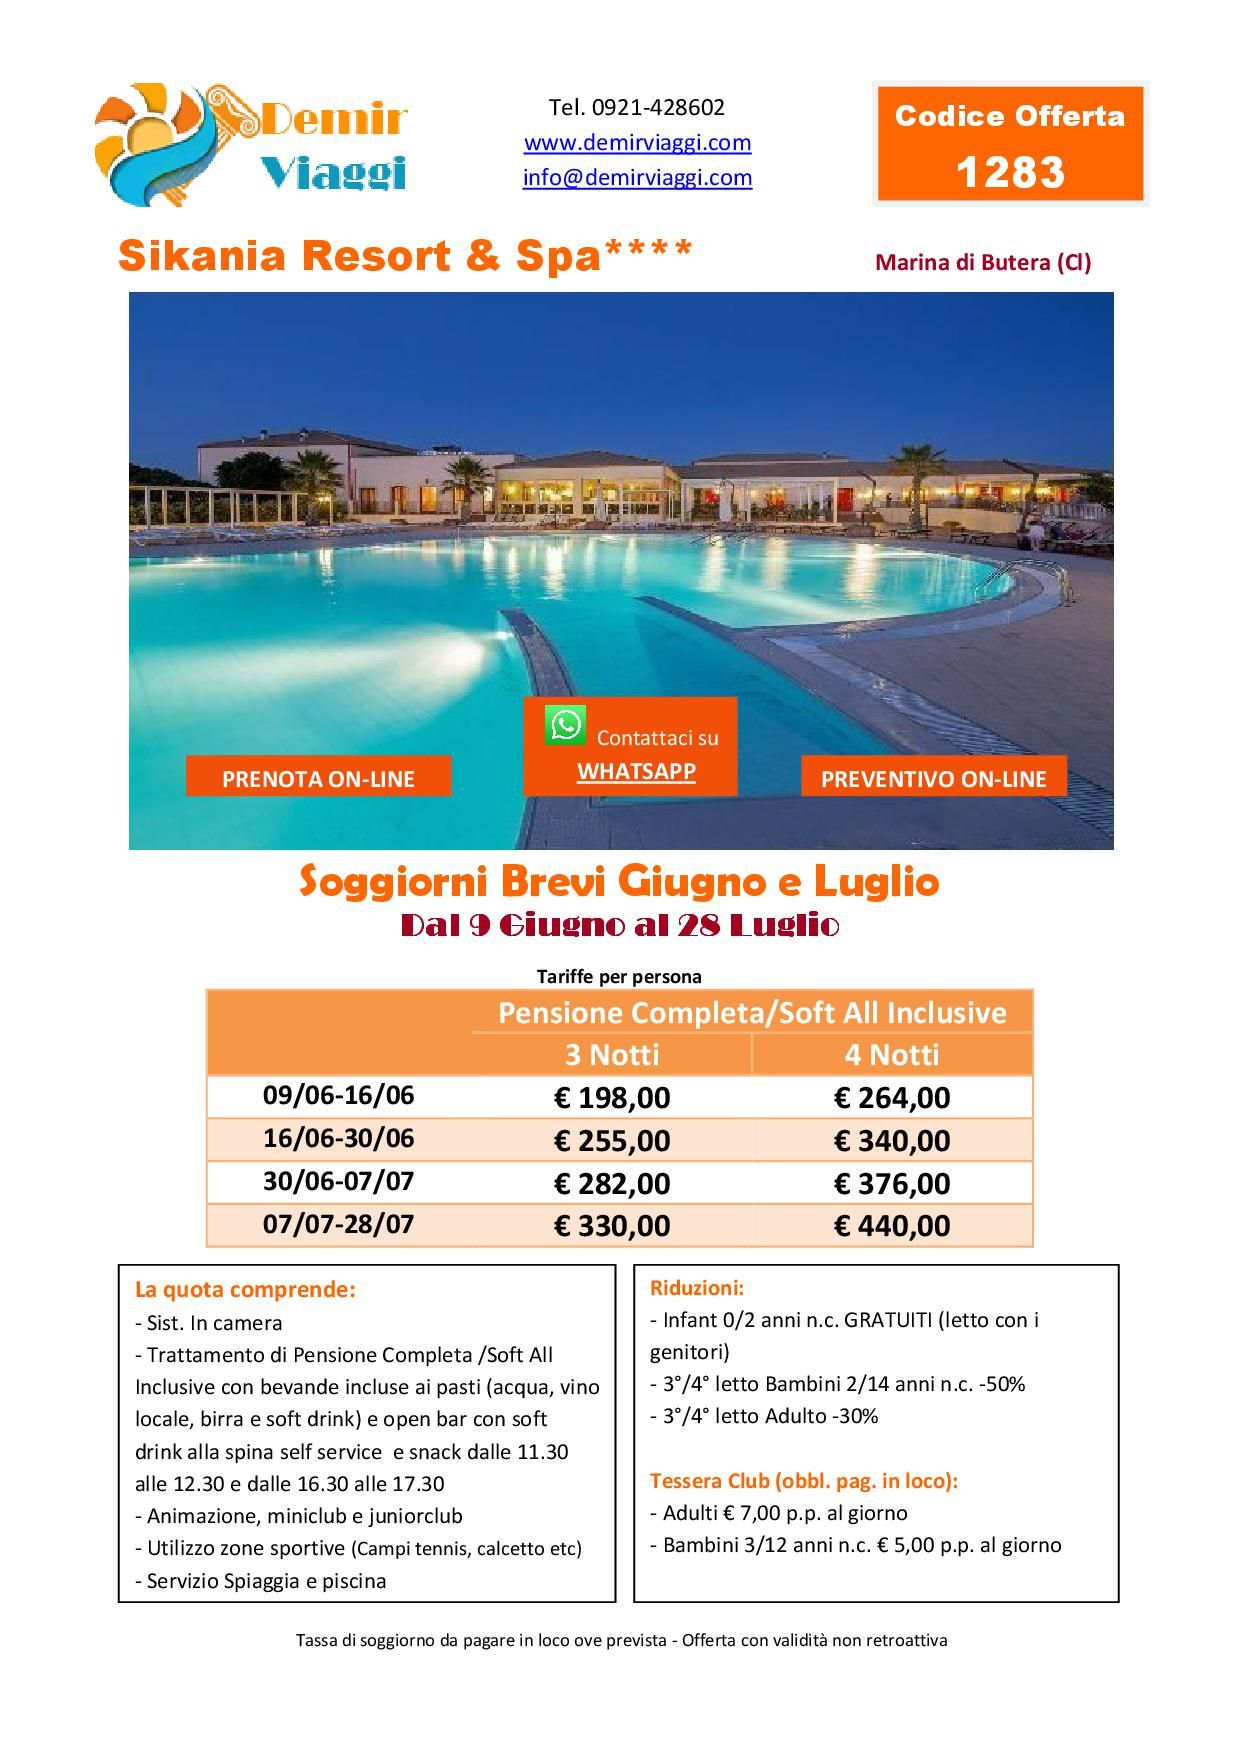 Sikania Resort**** - Marina di Butera (Cl) Soggiorni Brevi #Giugno e ...